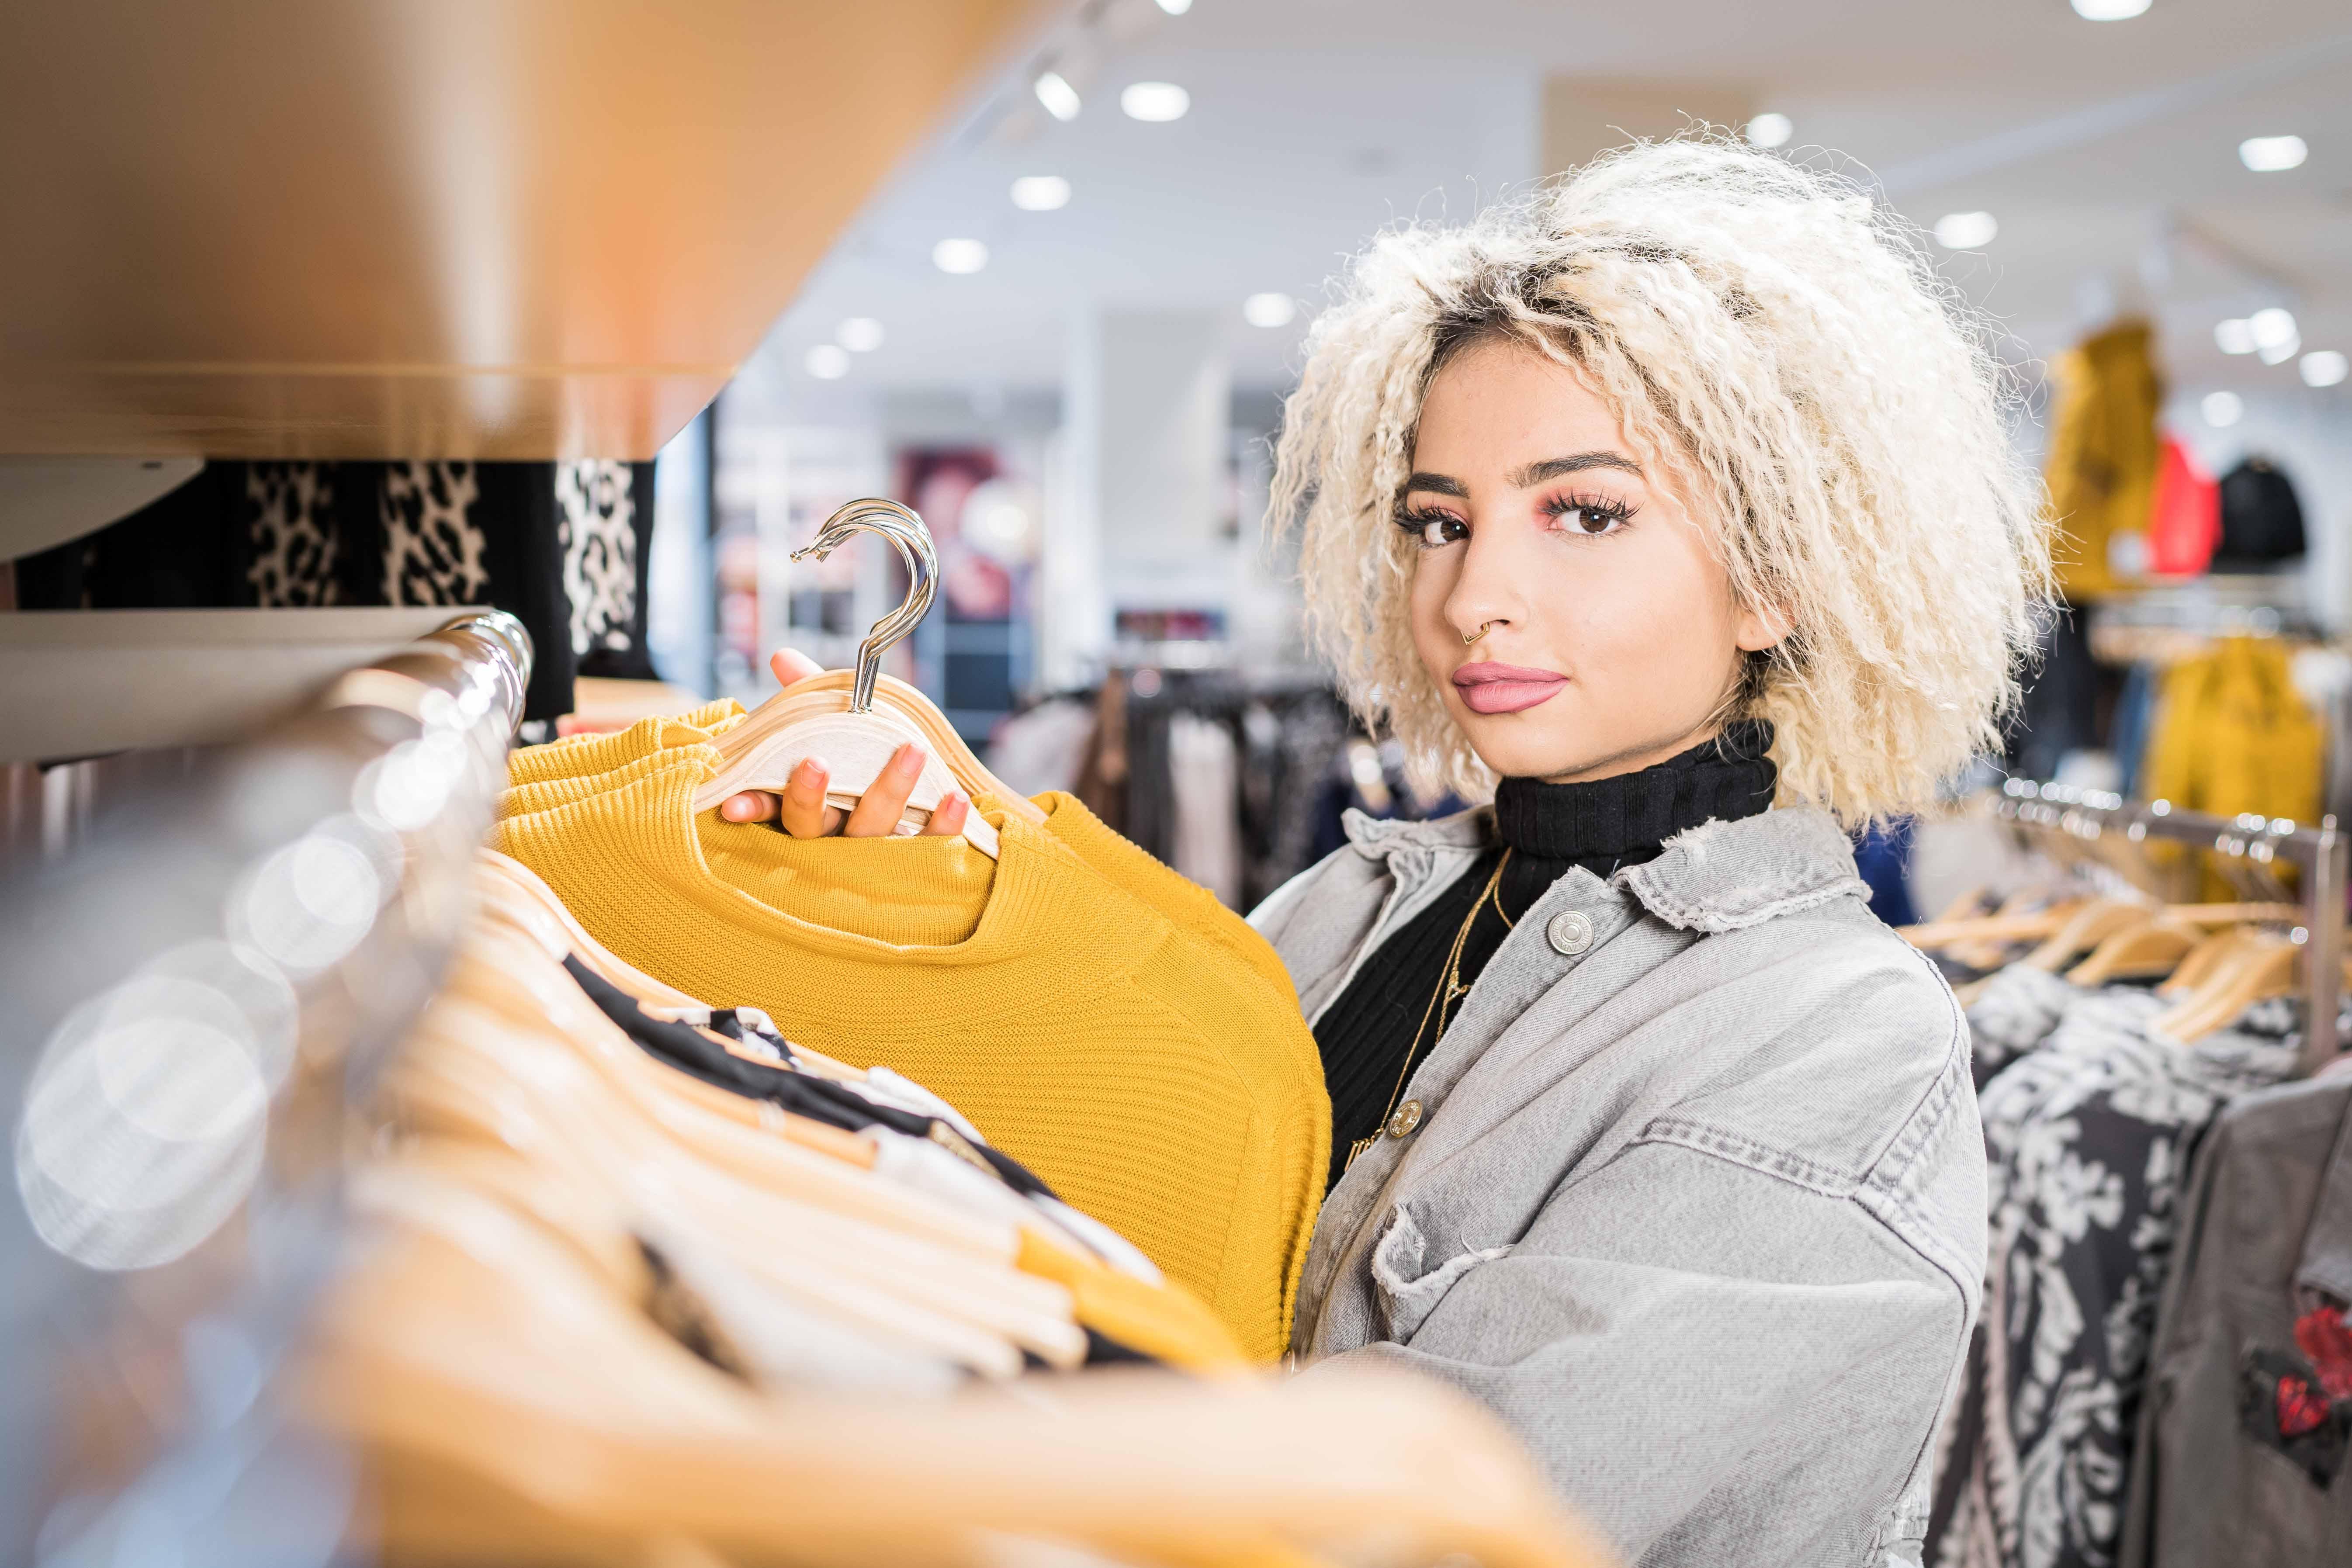 Einzelhandelskauffrau_06_20191003_Kopie